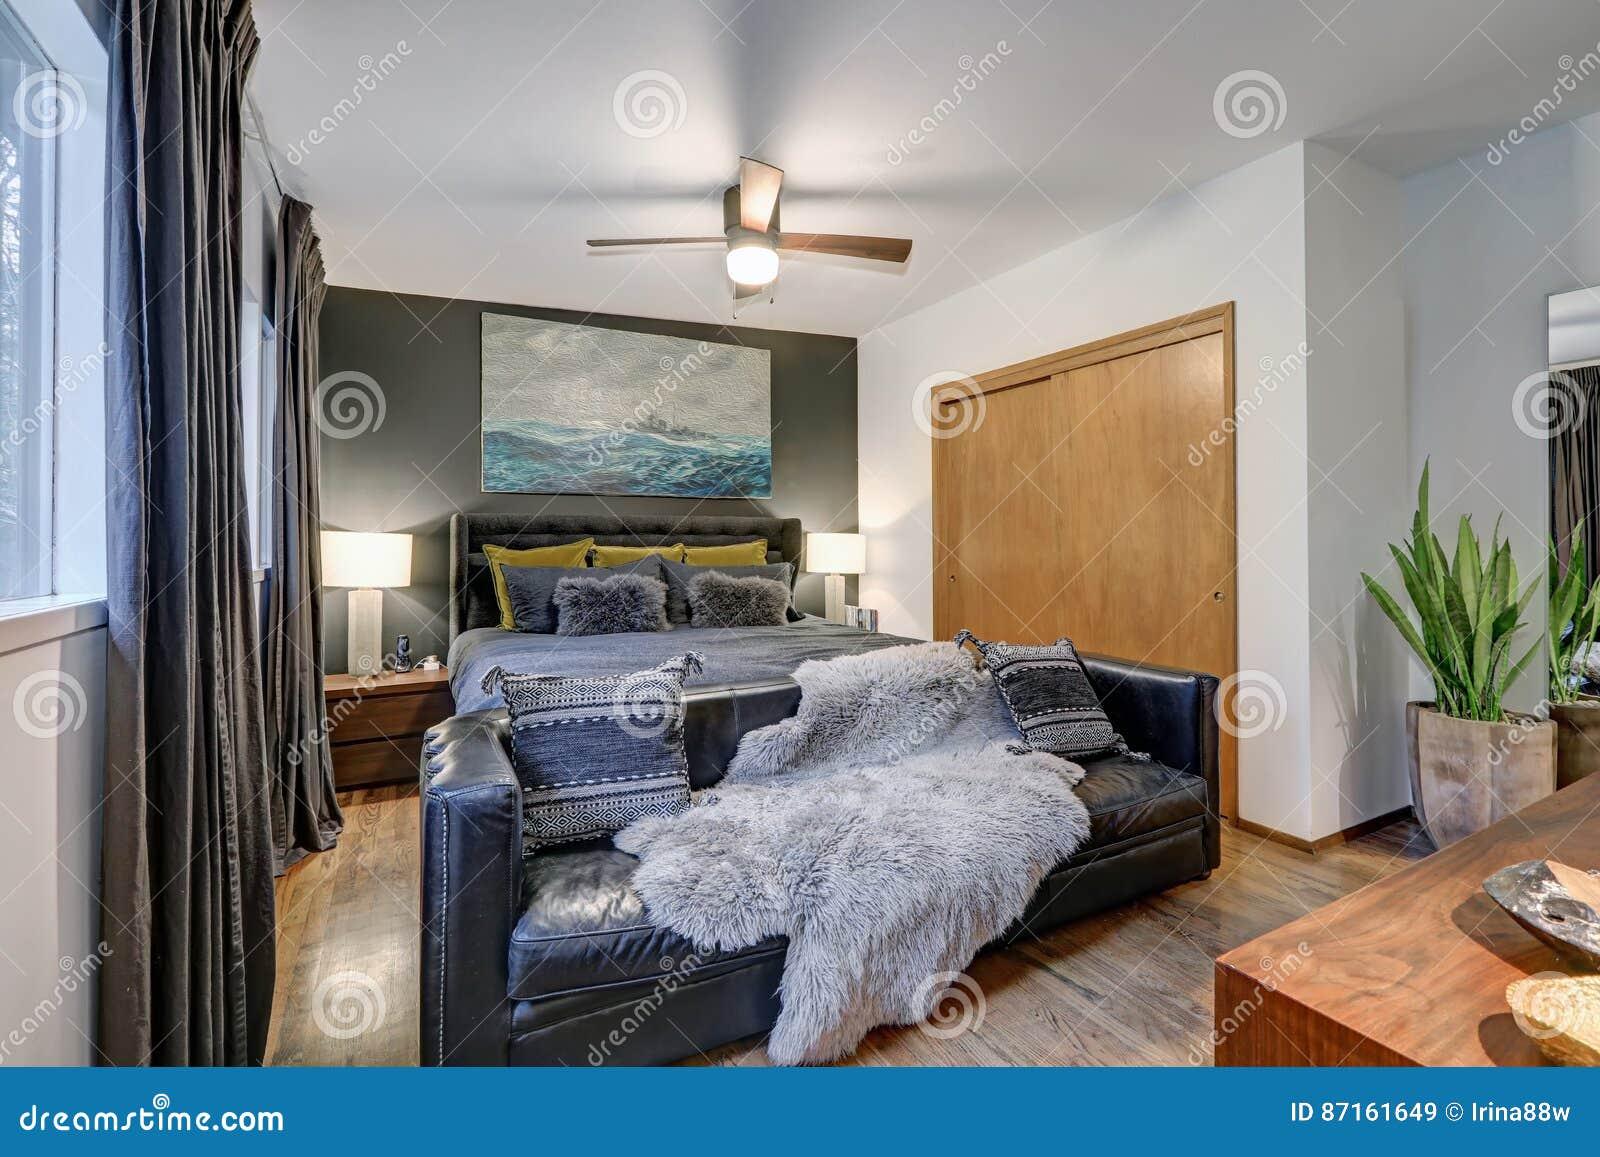 Parete Camera Da Letto Grigia : La camera da letto maschile caratterizza parete grigia